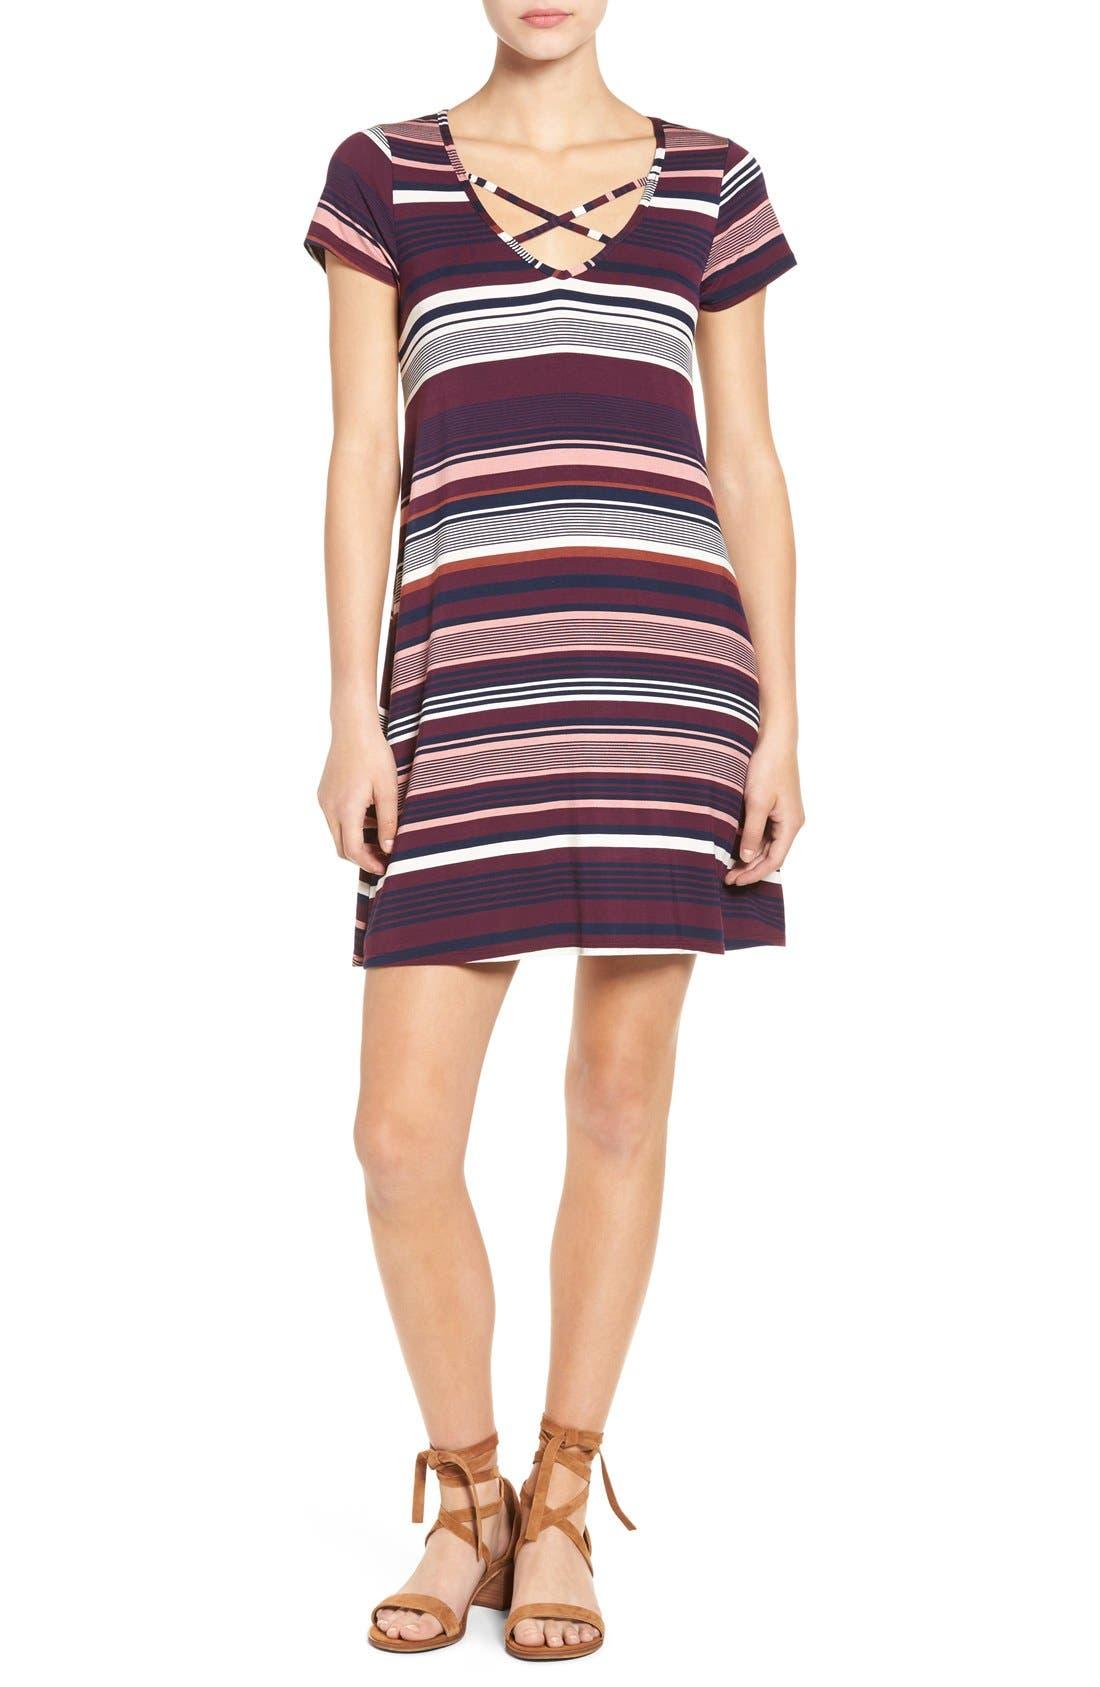 Alternate Image 1 Selected - Socialite Cross Front T-Shirt Dress